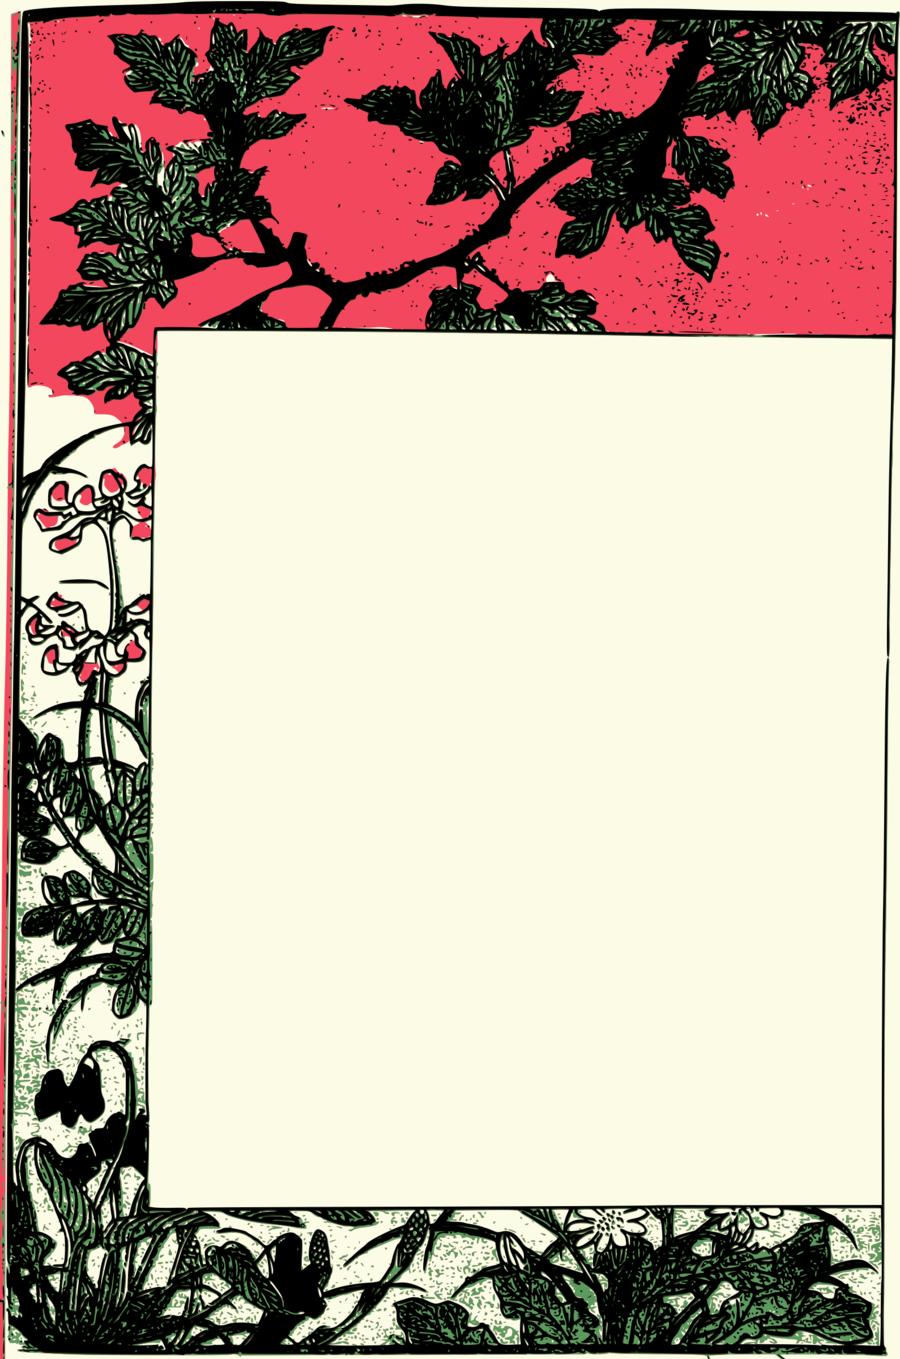 Japanese clipart frame japanese. Border design flower japan